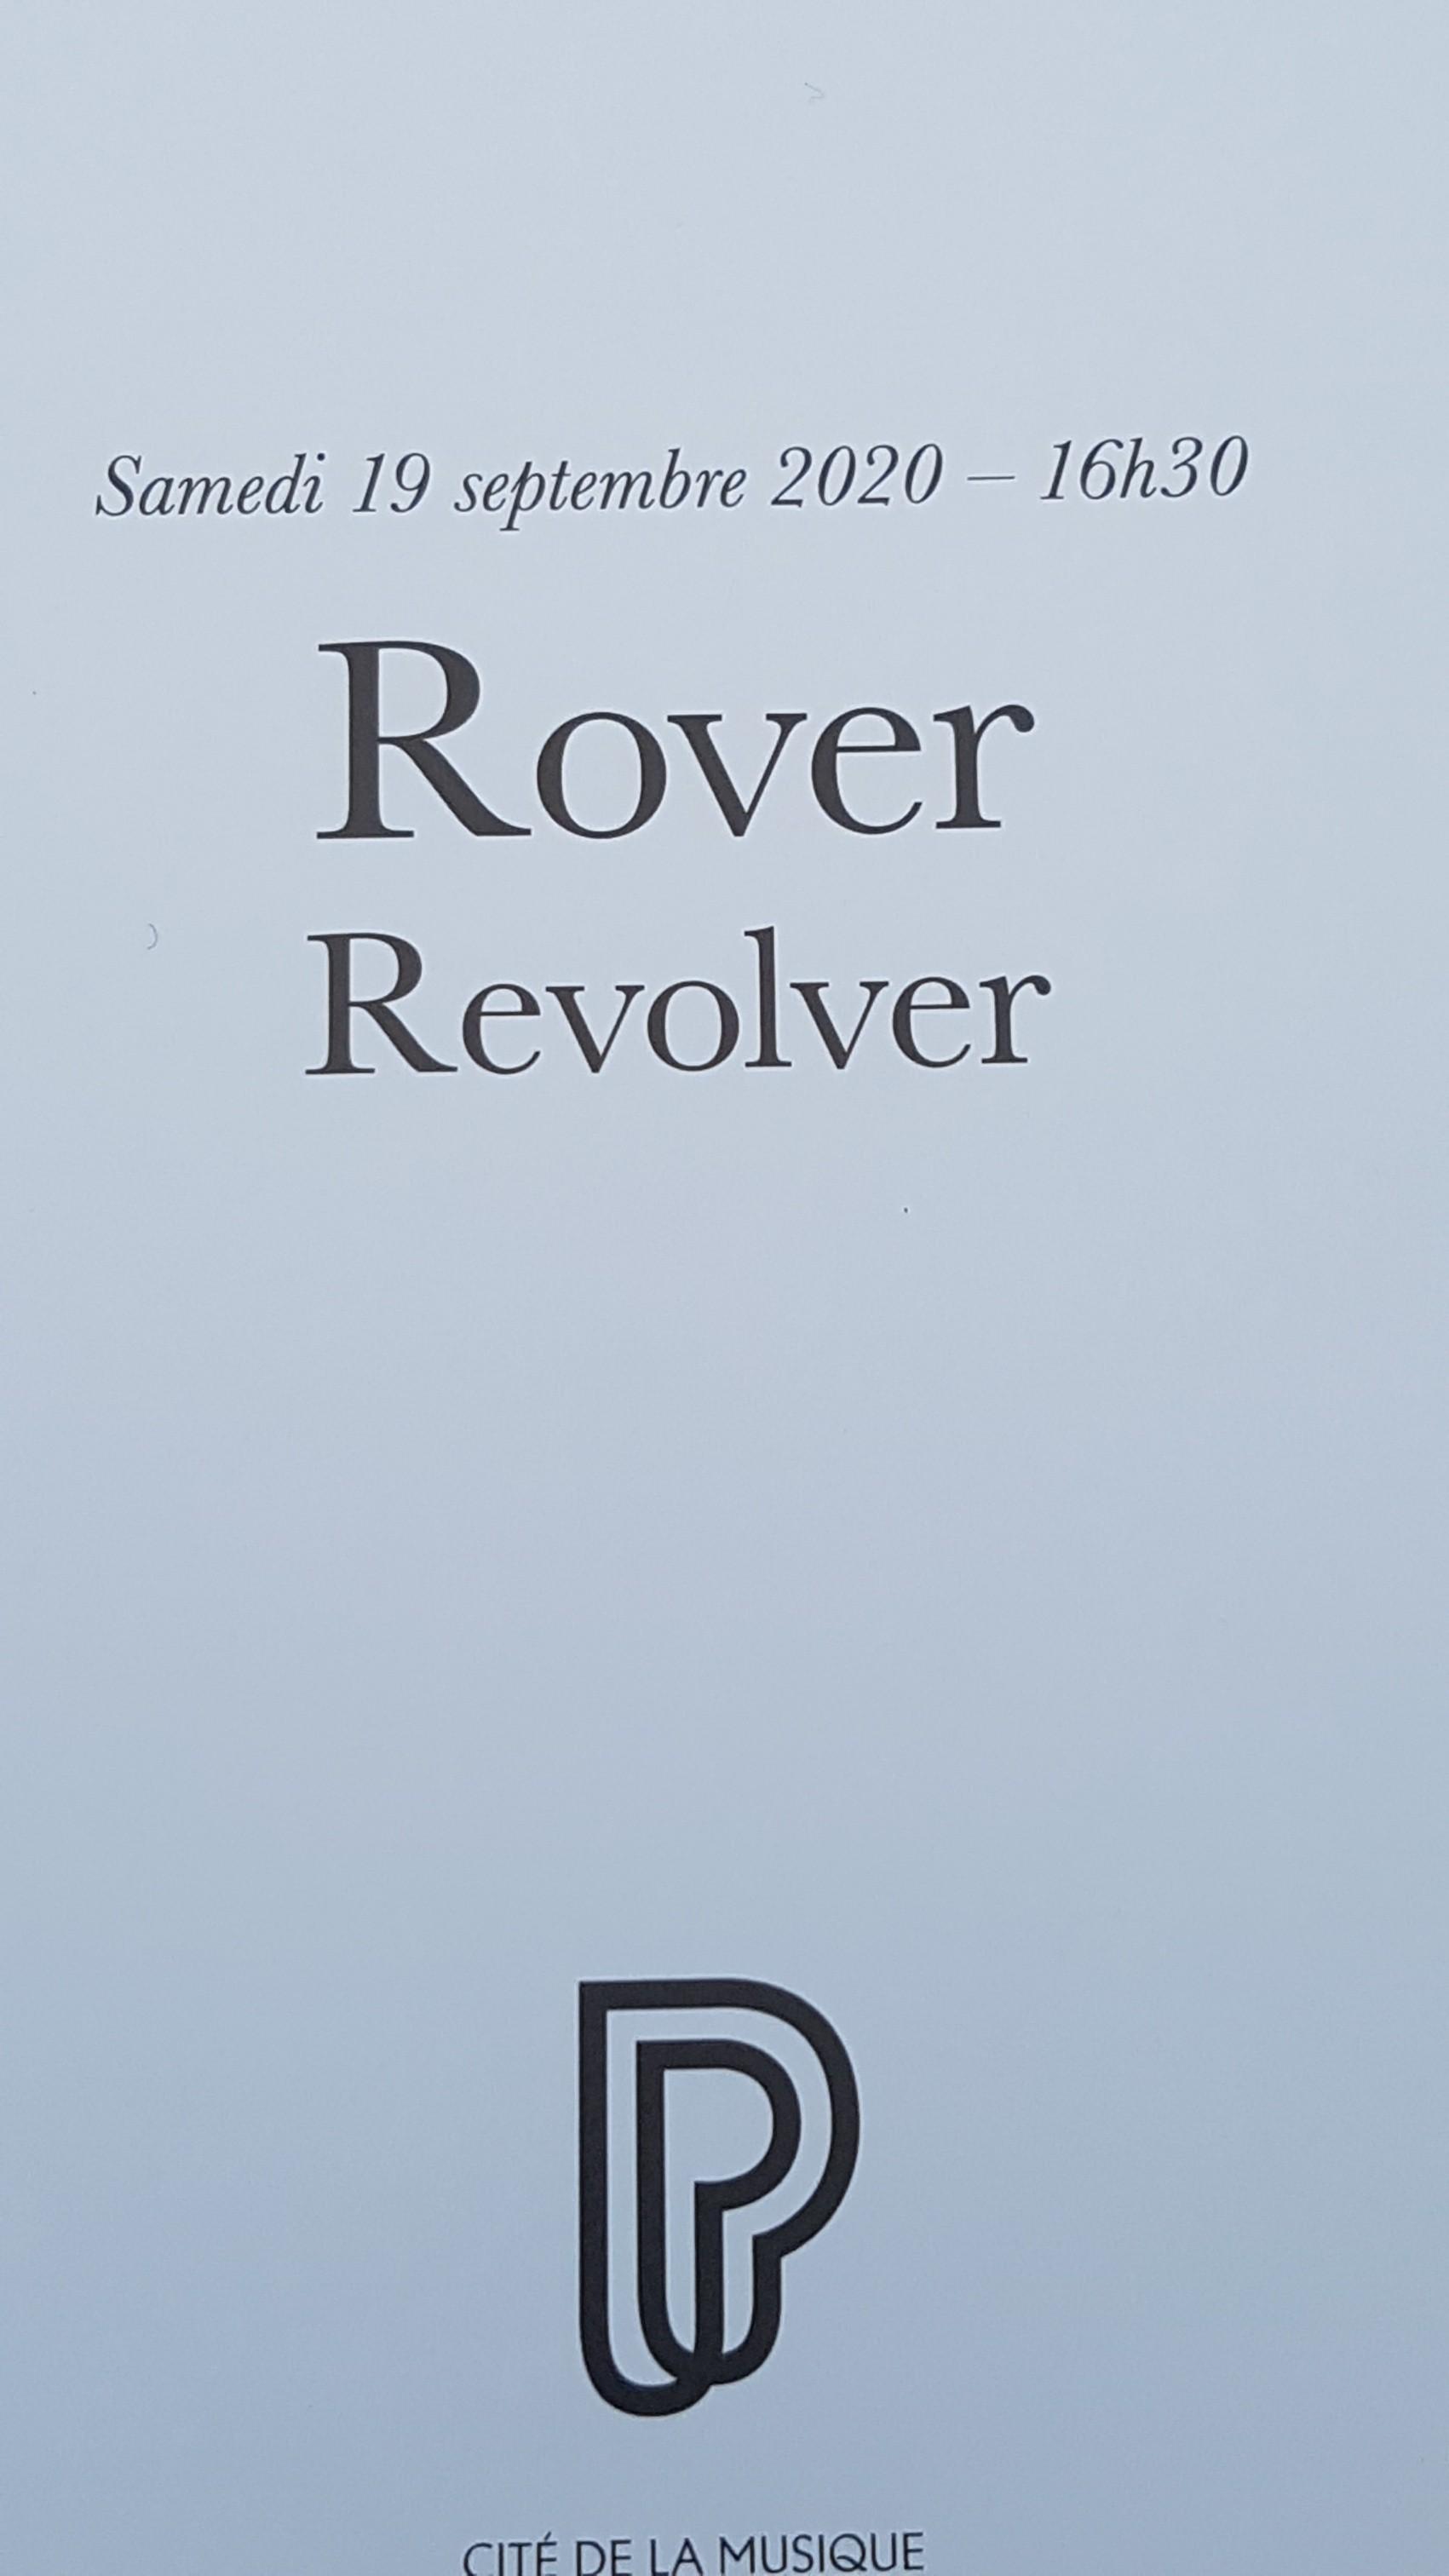 Rover/Revolver Cité de lamusique, Paris 19.09.2020